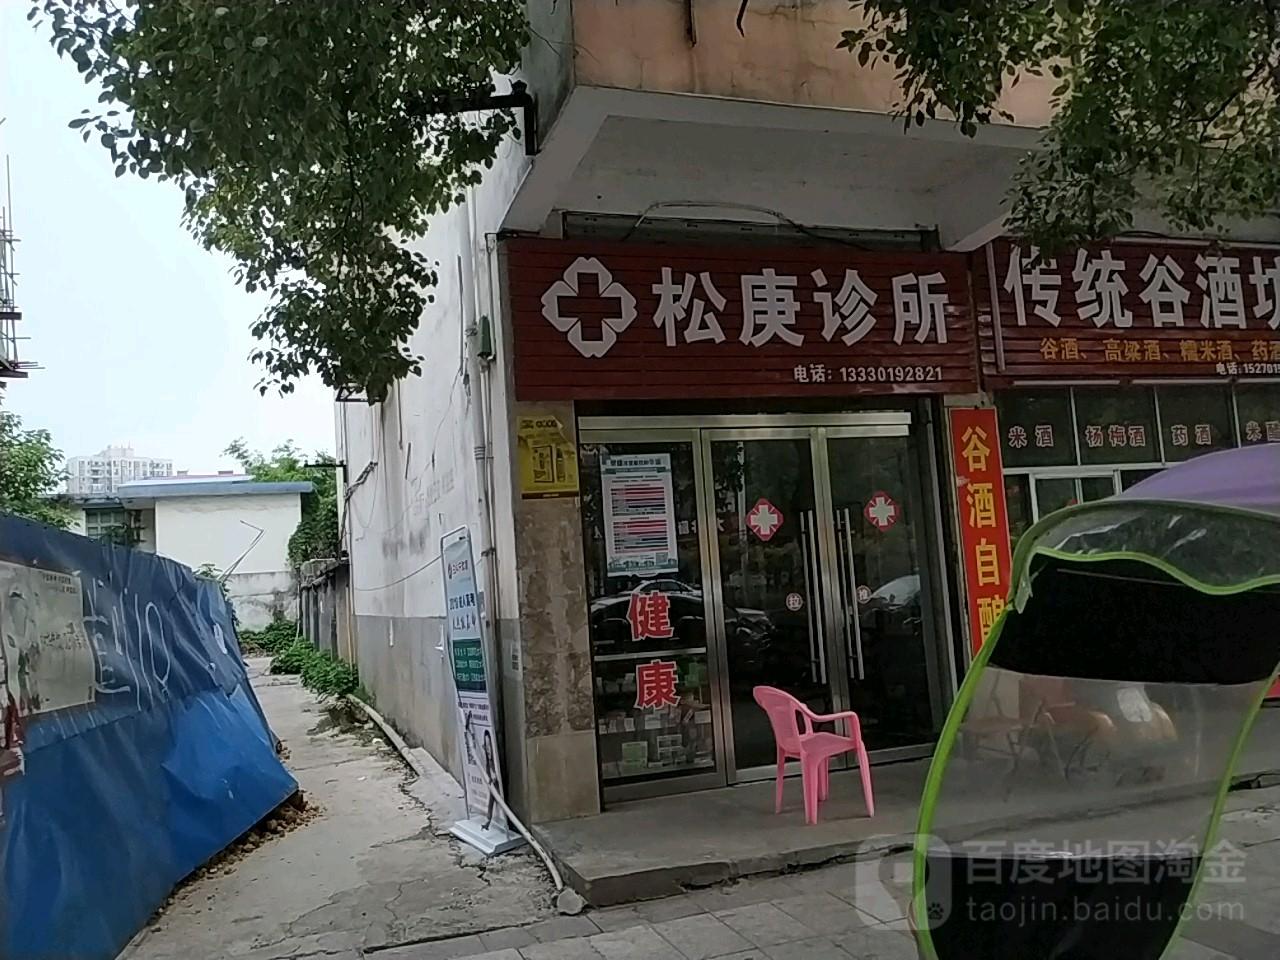 庚医院怎么样_袁州区 >> 医院   标签: 诊所医疗 松庚诊所共多少人浏览:2448419